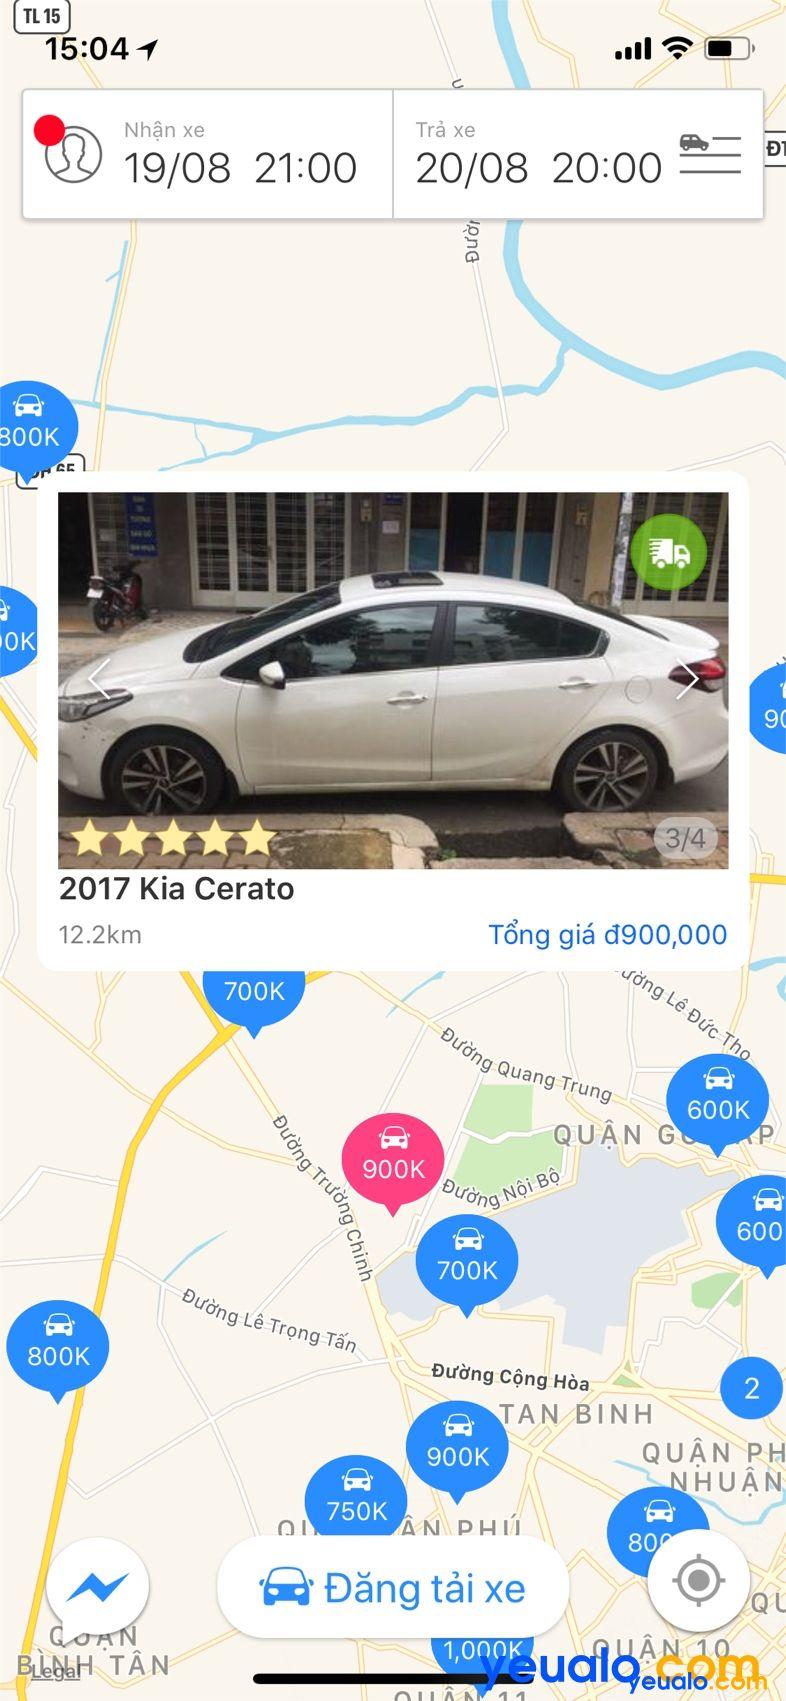 Cho thuê xe tự lái online ở đâu